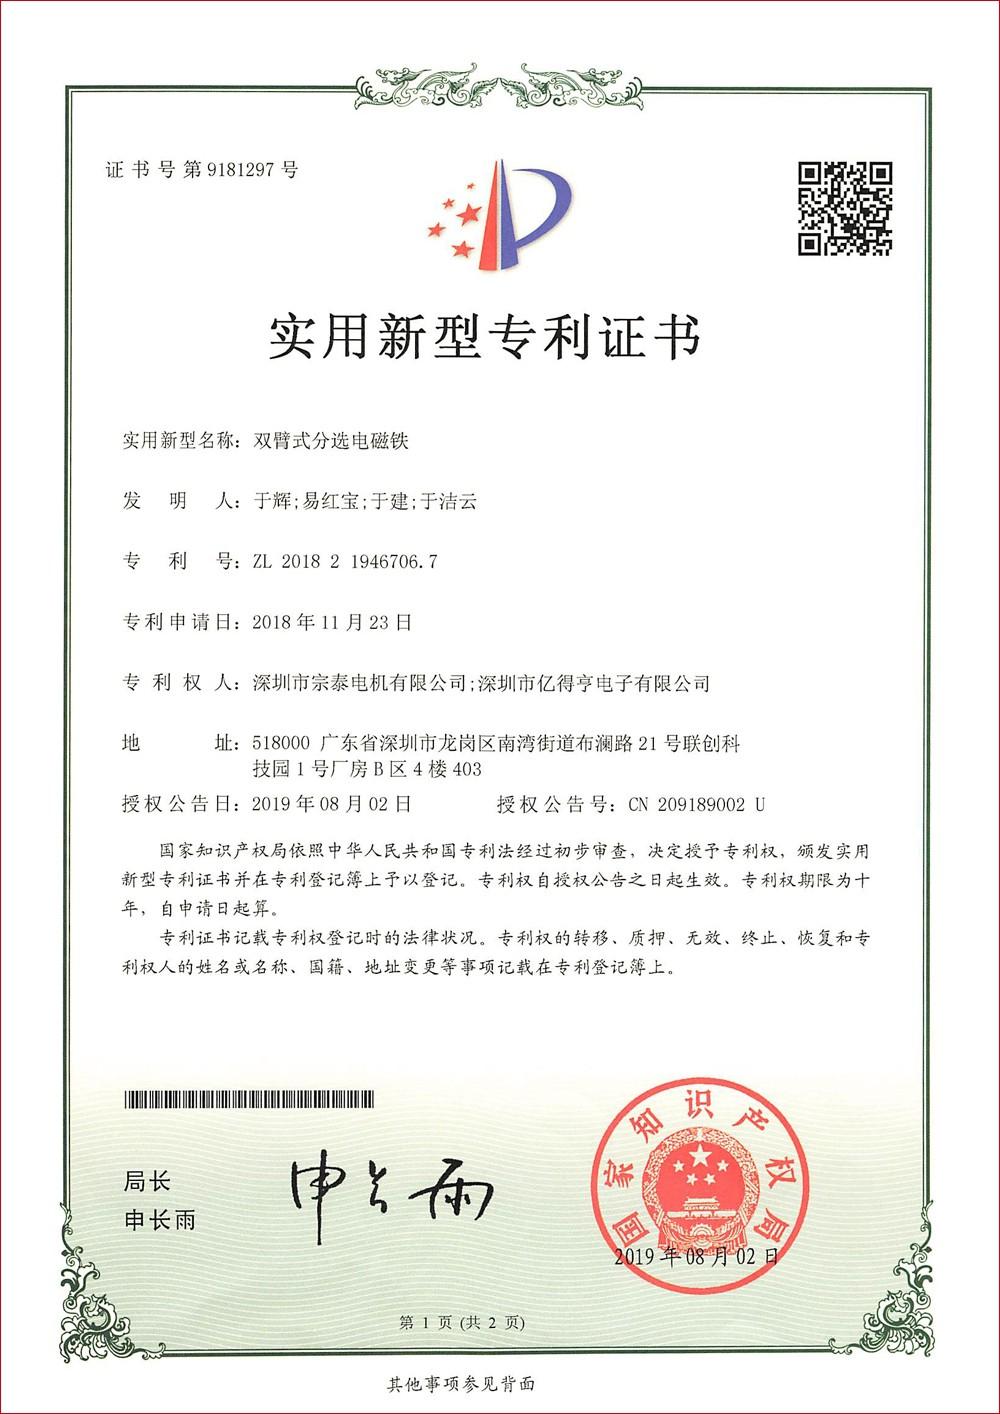 実用新案特許証明書2